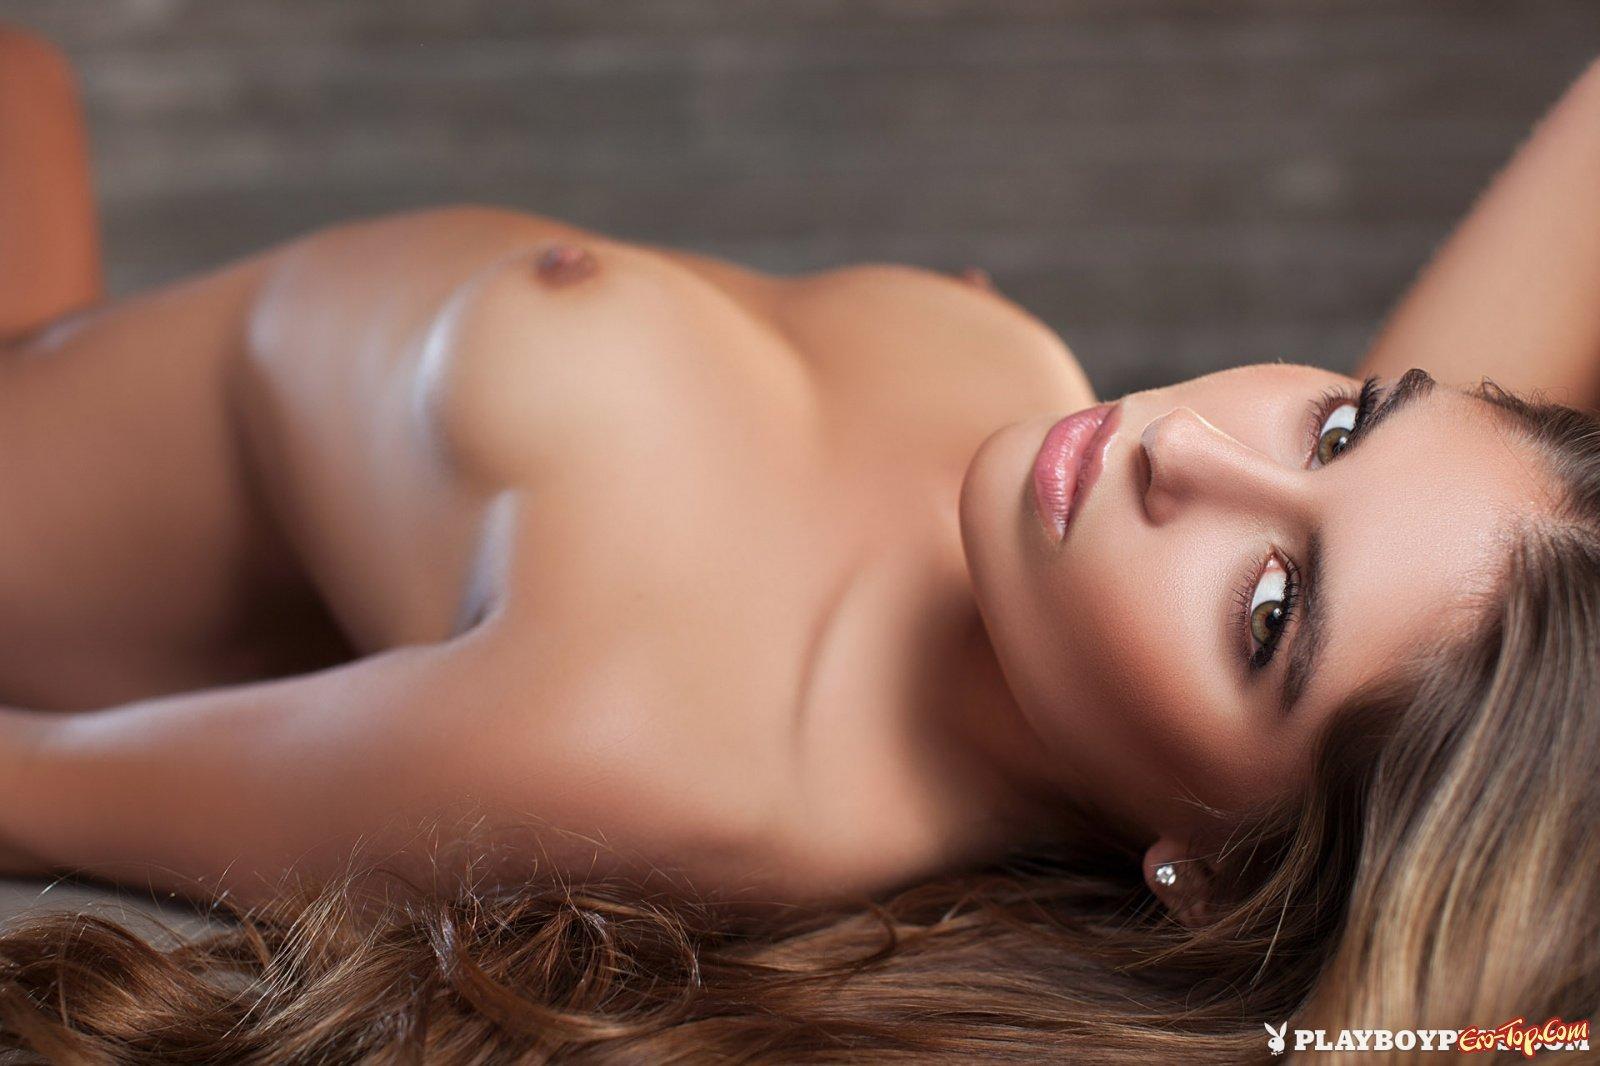 Обнажённая девушка с упругим телом